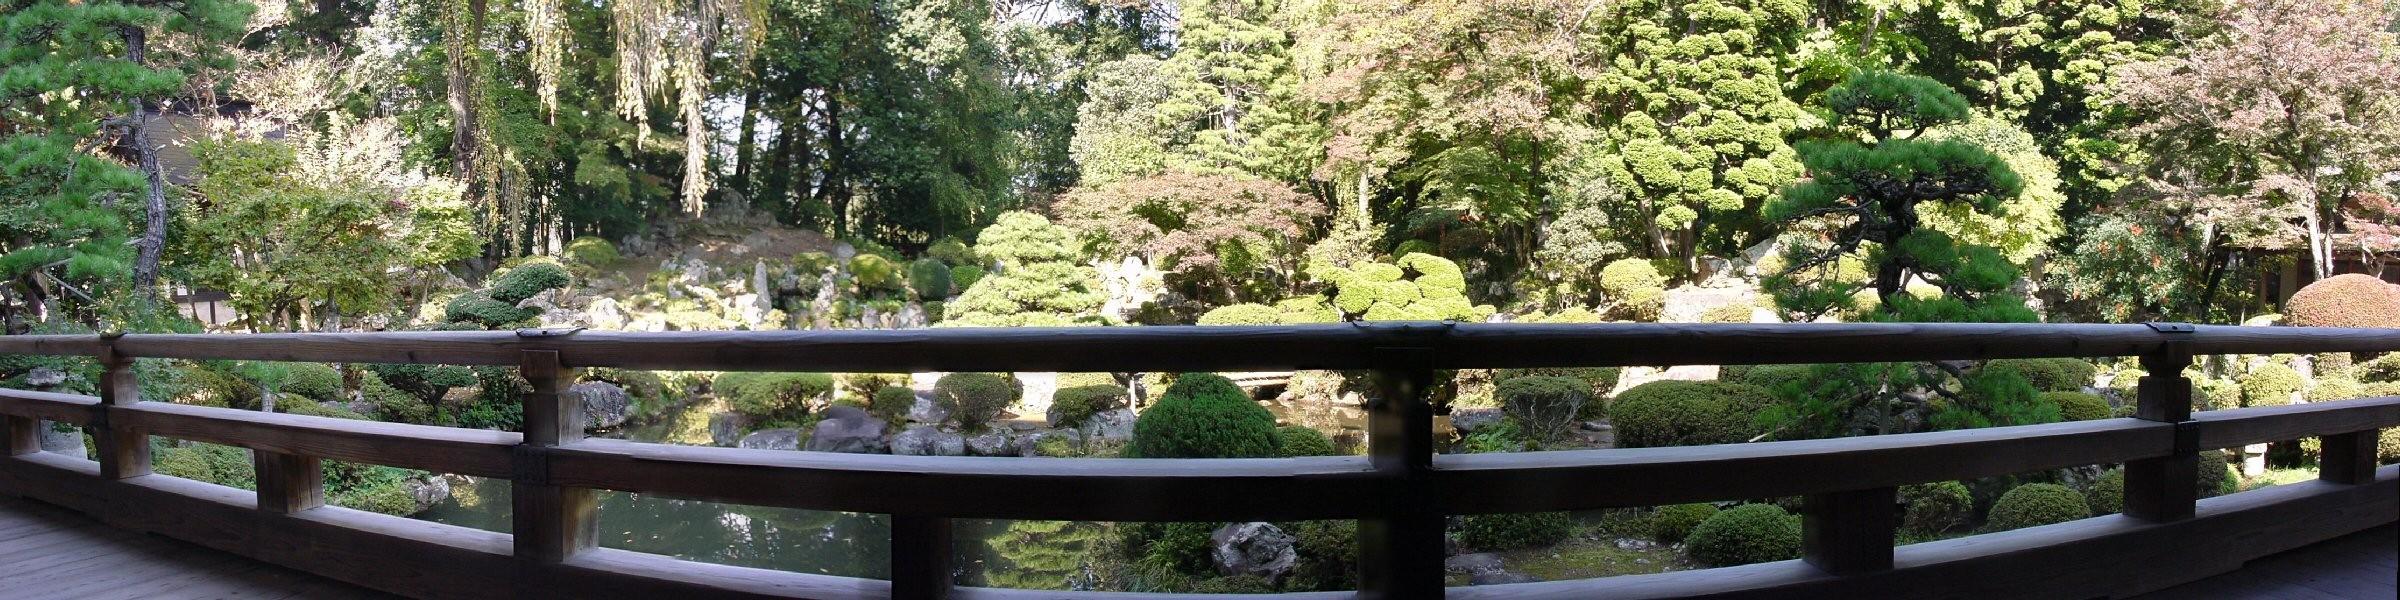 恵林寺 庭園